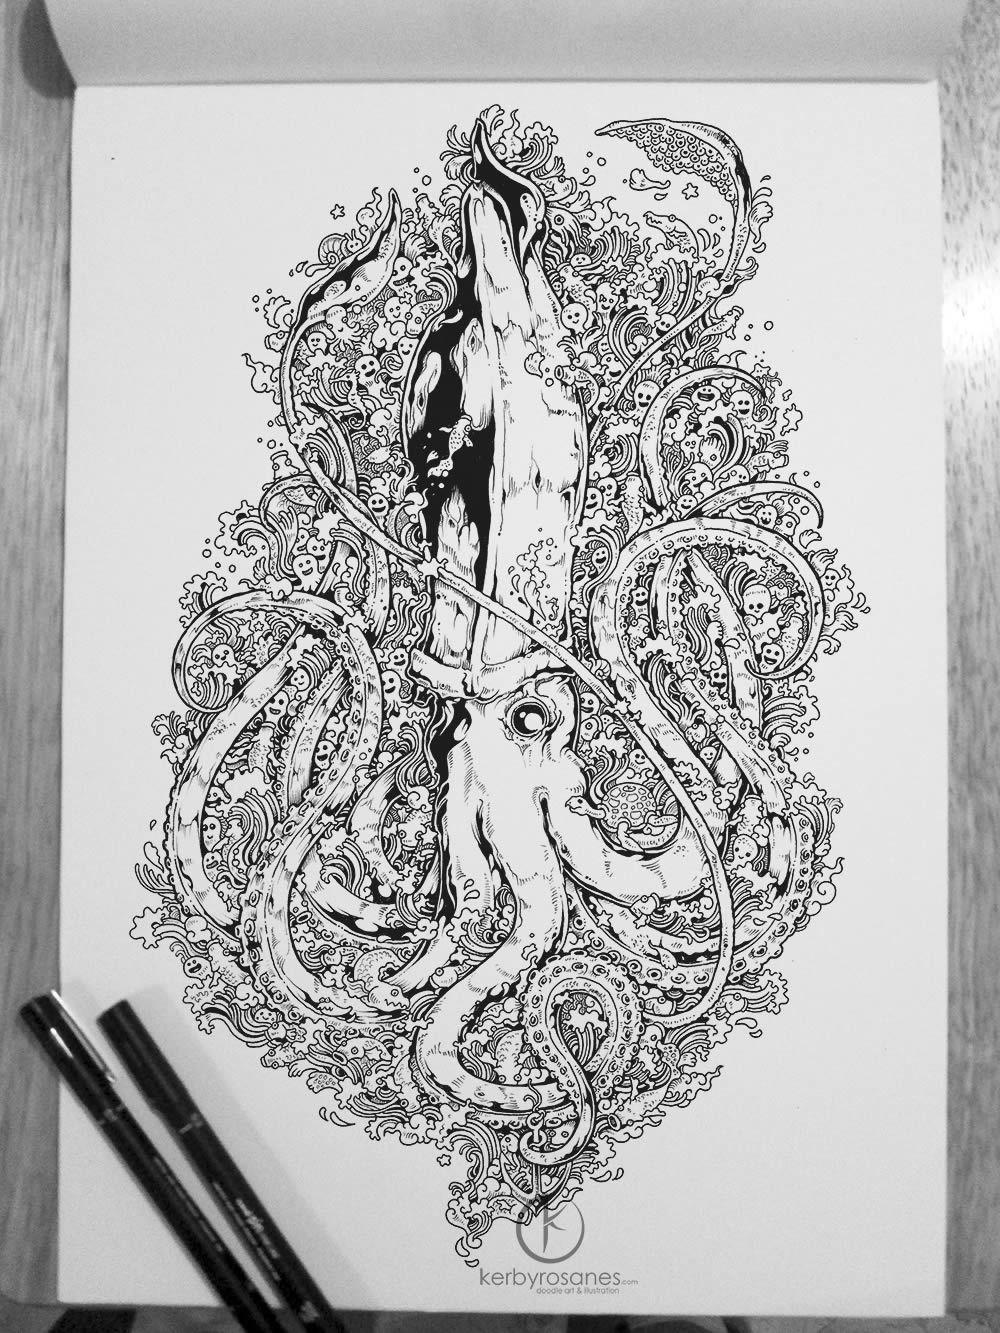 Octopus Sketchbook Drawing By Kerby Rosanes